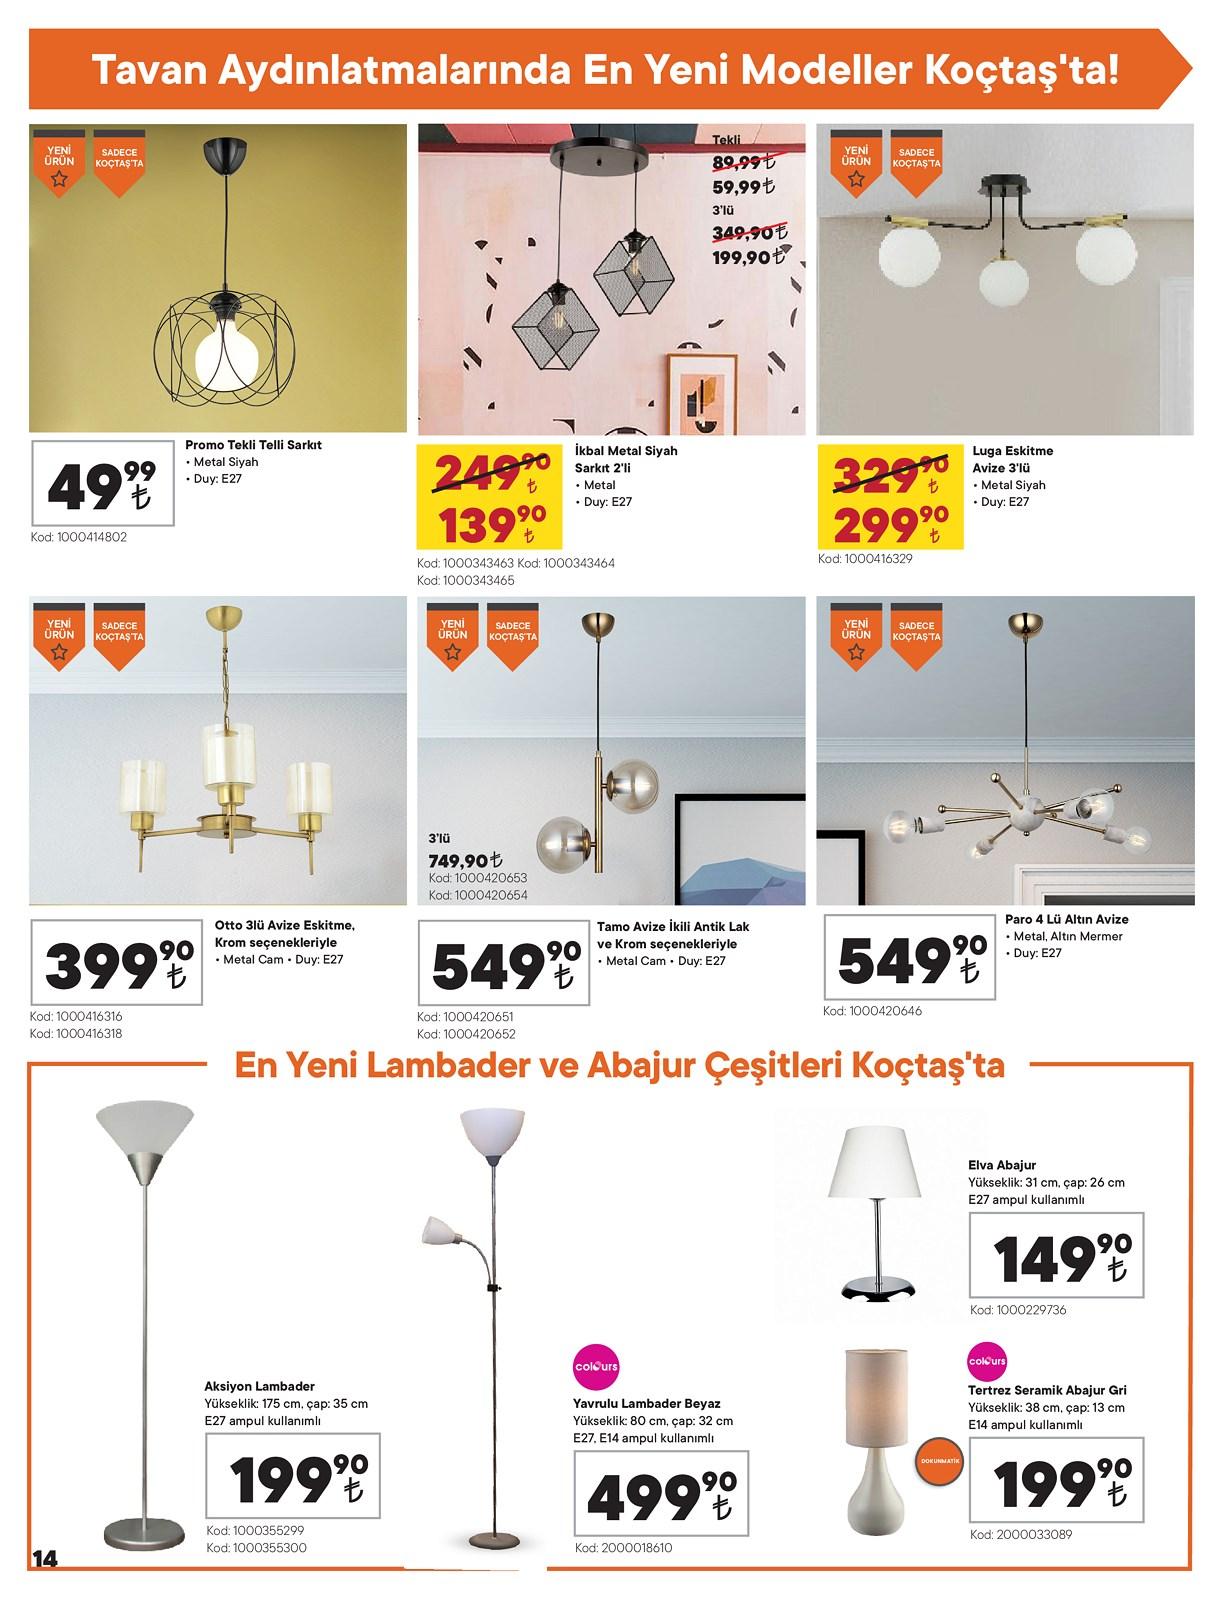 07.01.2021 Koçtaş broşürü 14. sayfa